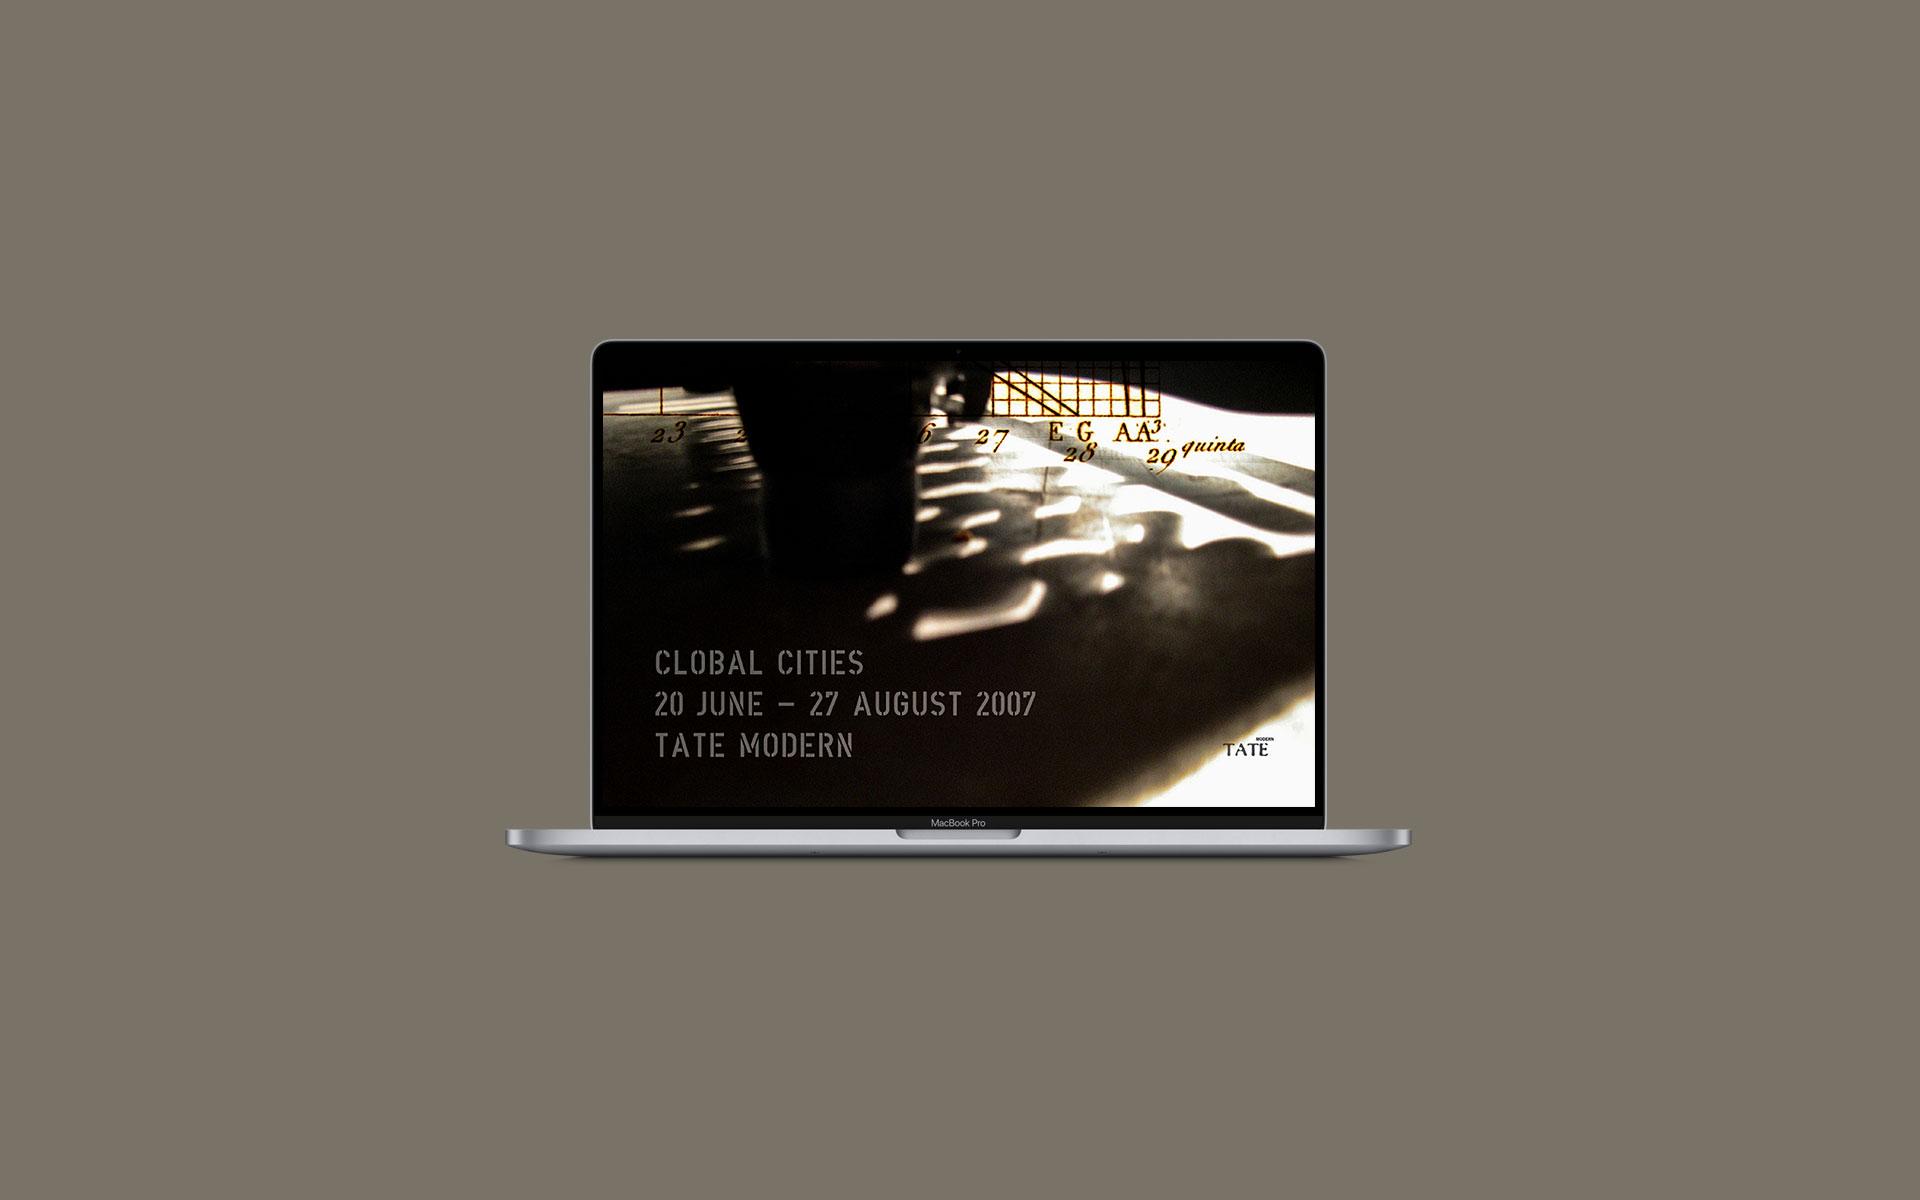 Tate Modern, Screen Design für eine Online-Kampagne.